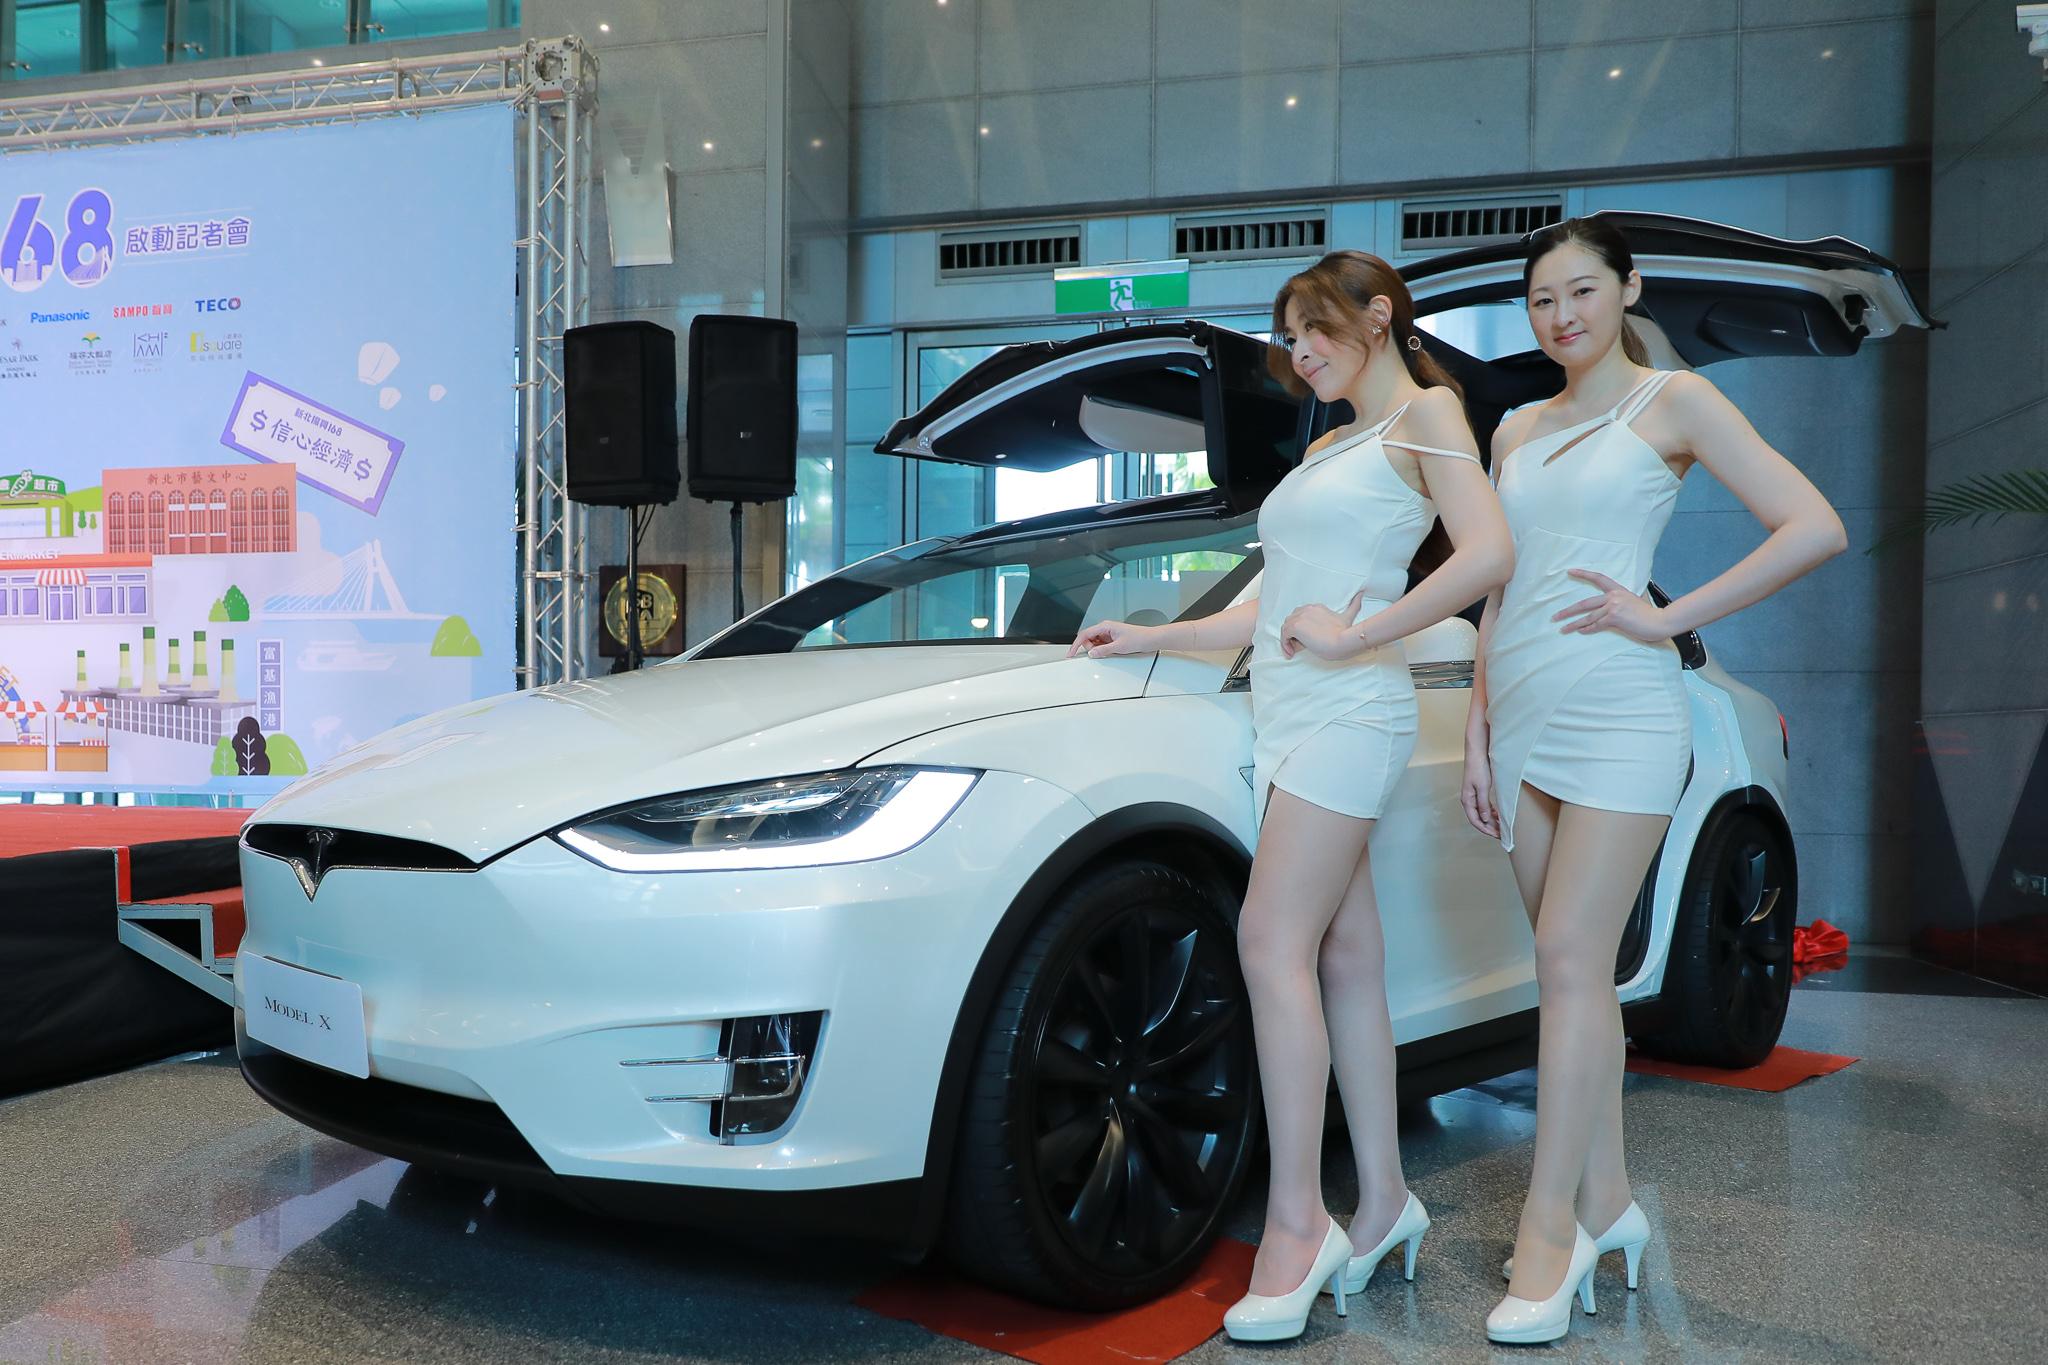 局府-新北振興168,8月起祭出抽獎活動,第一波及年底加碼抽高級電動車